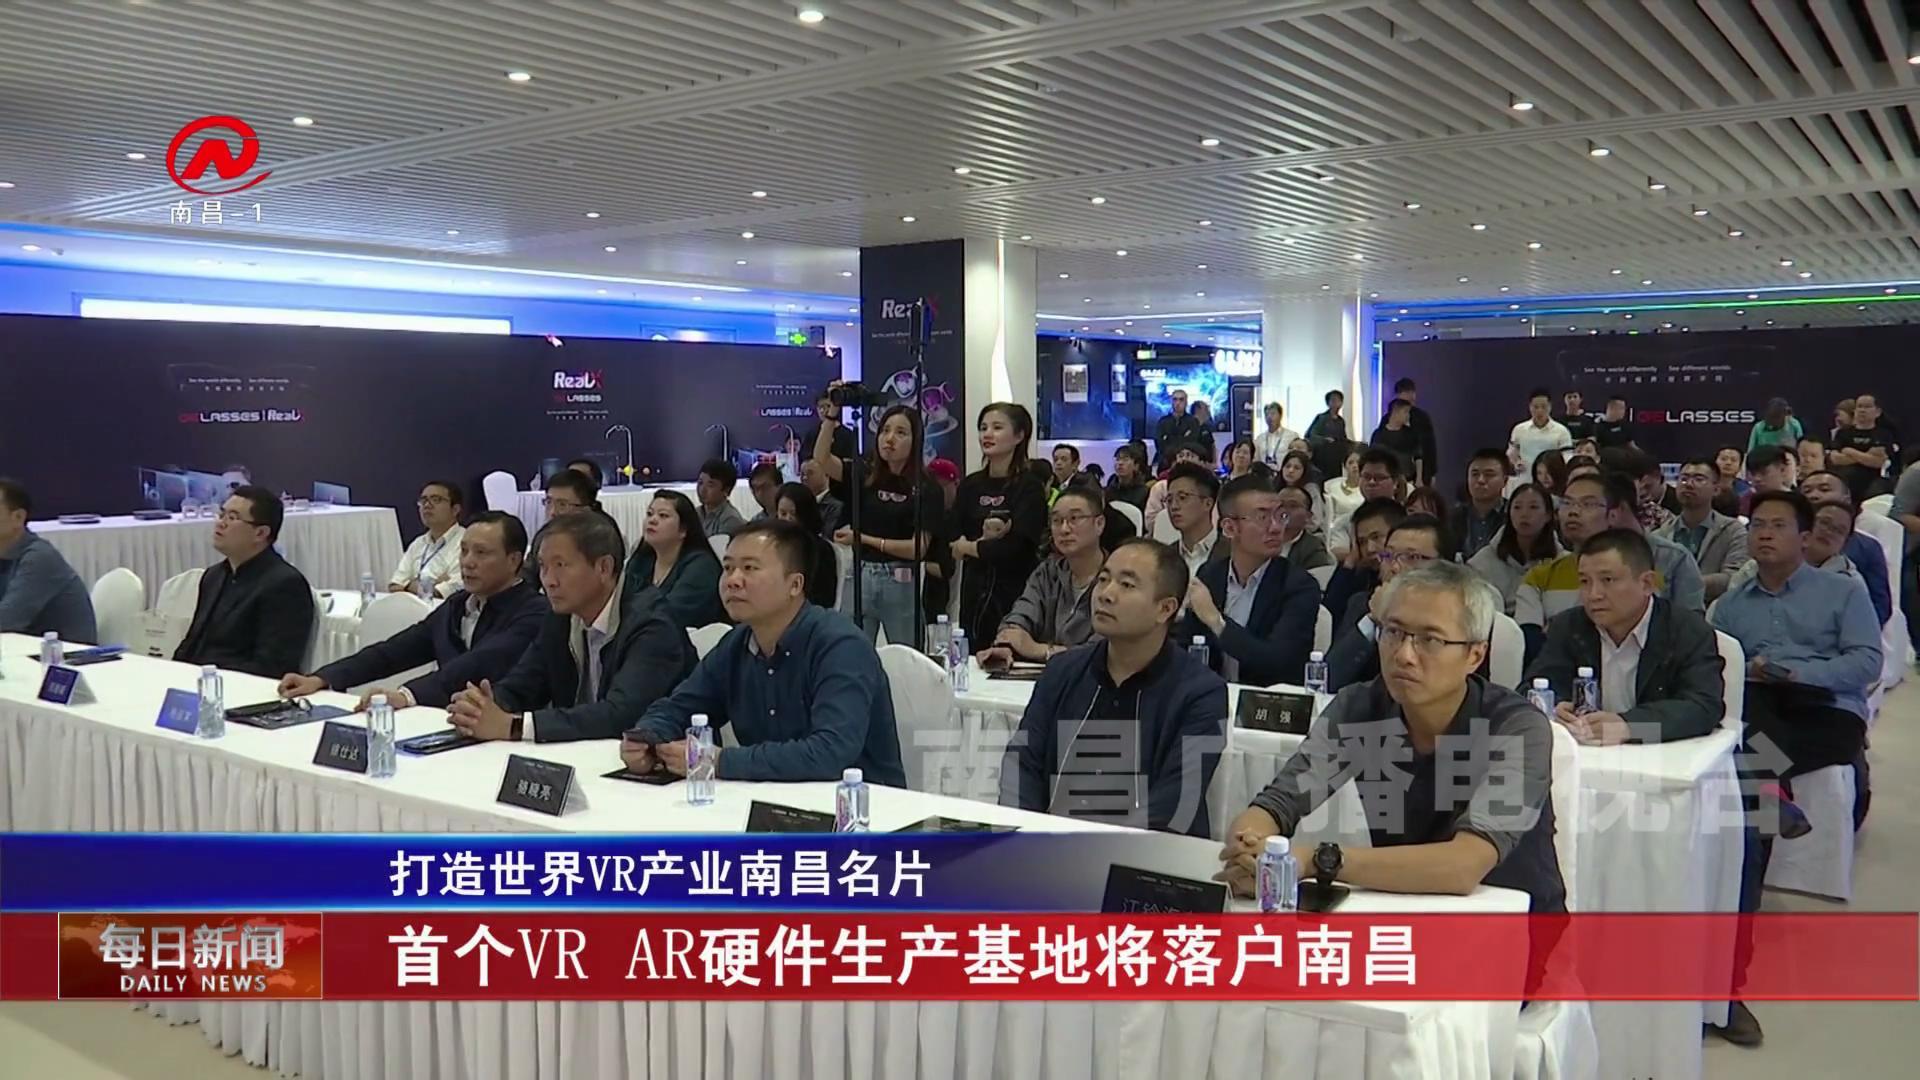 首个VR AR硬件生产基地将落户南昌